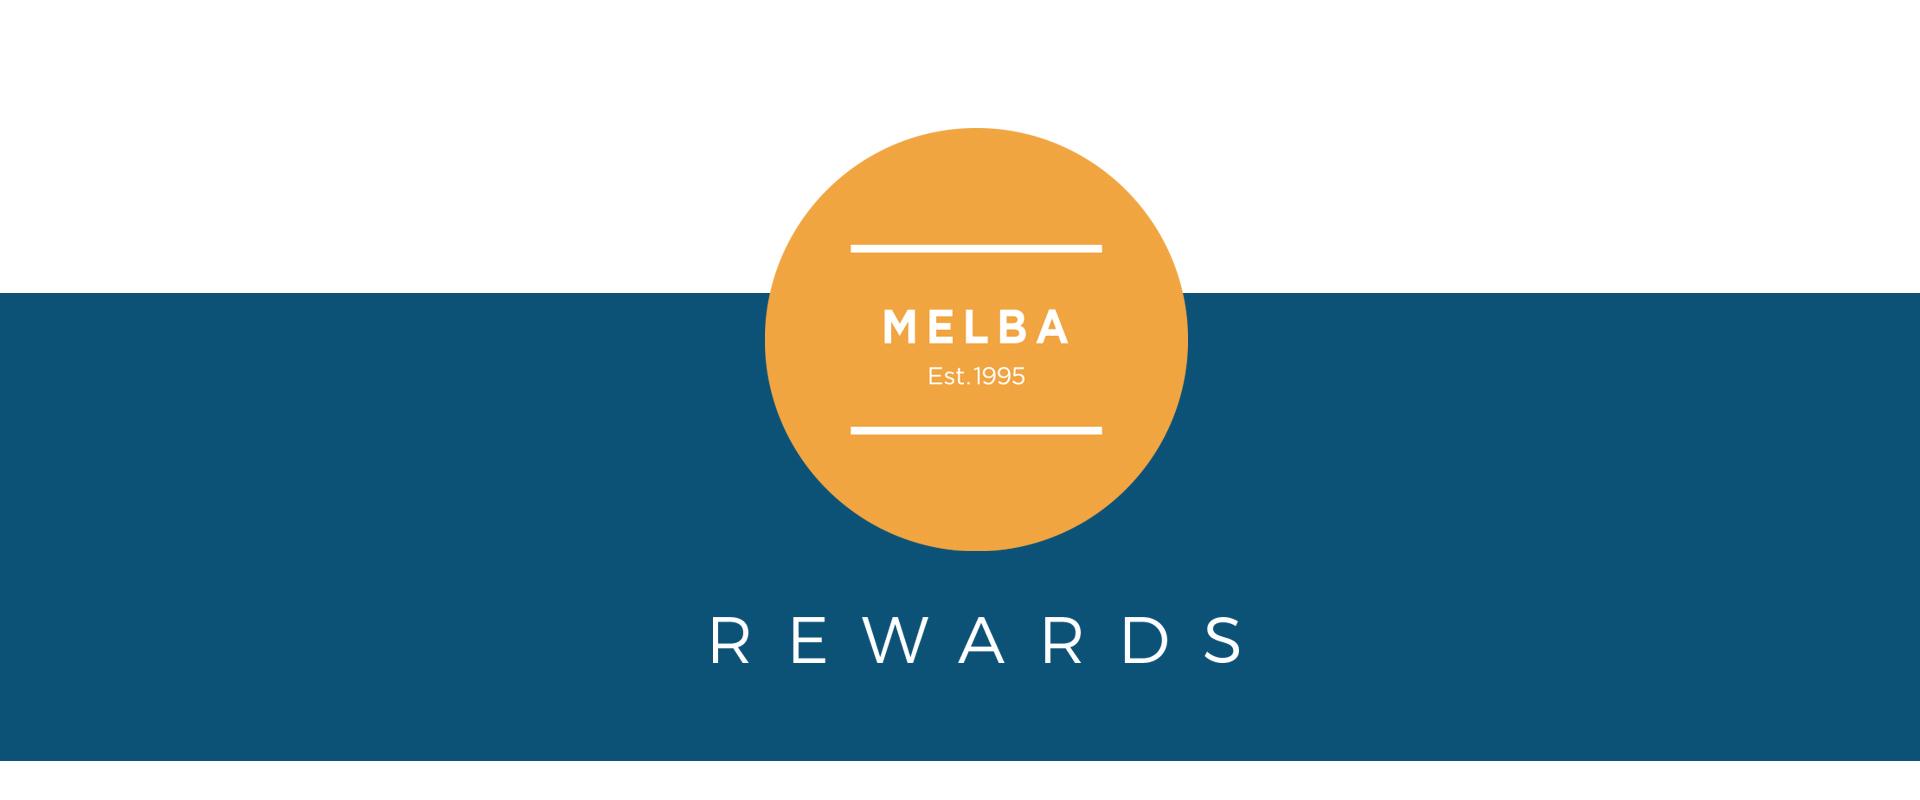 Rewards Page Banner 2.jpg